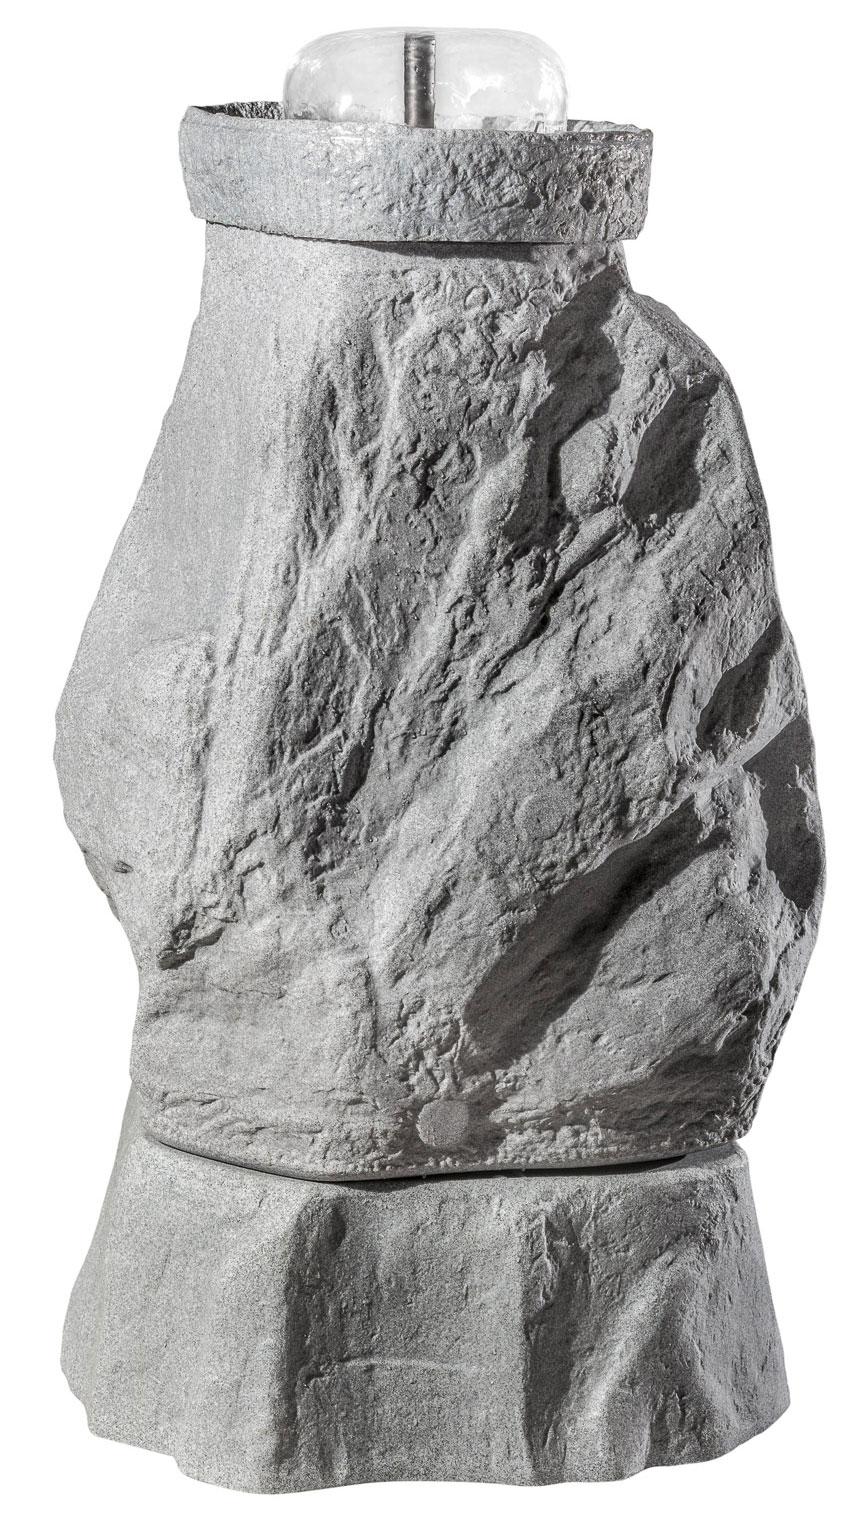 Springbrunnenset für Regentonne GreenLife Hinkelstein sand Bild 3